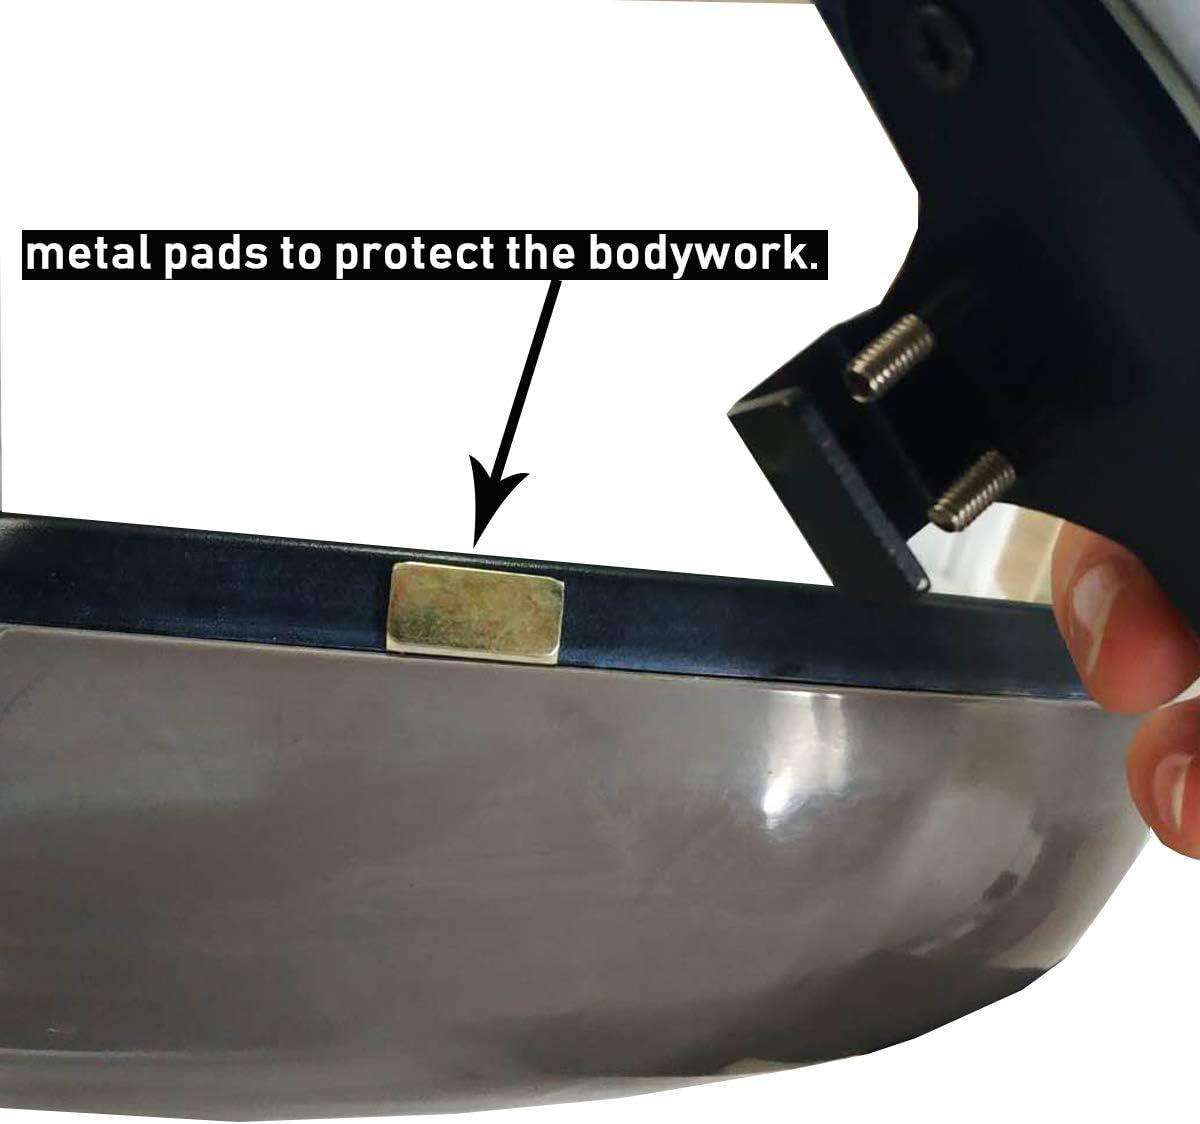 2 Pcs-Retrovisores-Negro WildAuto Espejos de Punto Ciego Espejo Retrovisor Exterior Coche Espejo Retrovisor Apto Para Todo Tipo de Veh/ículos